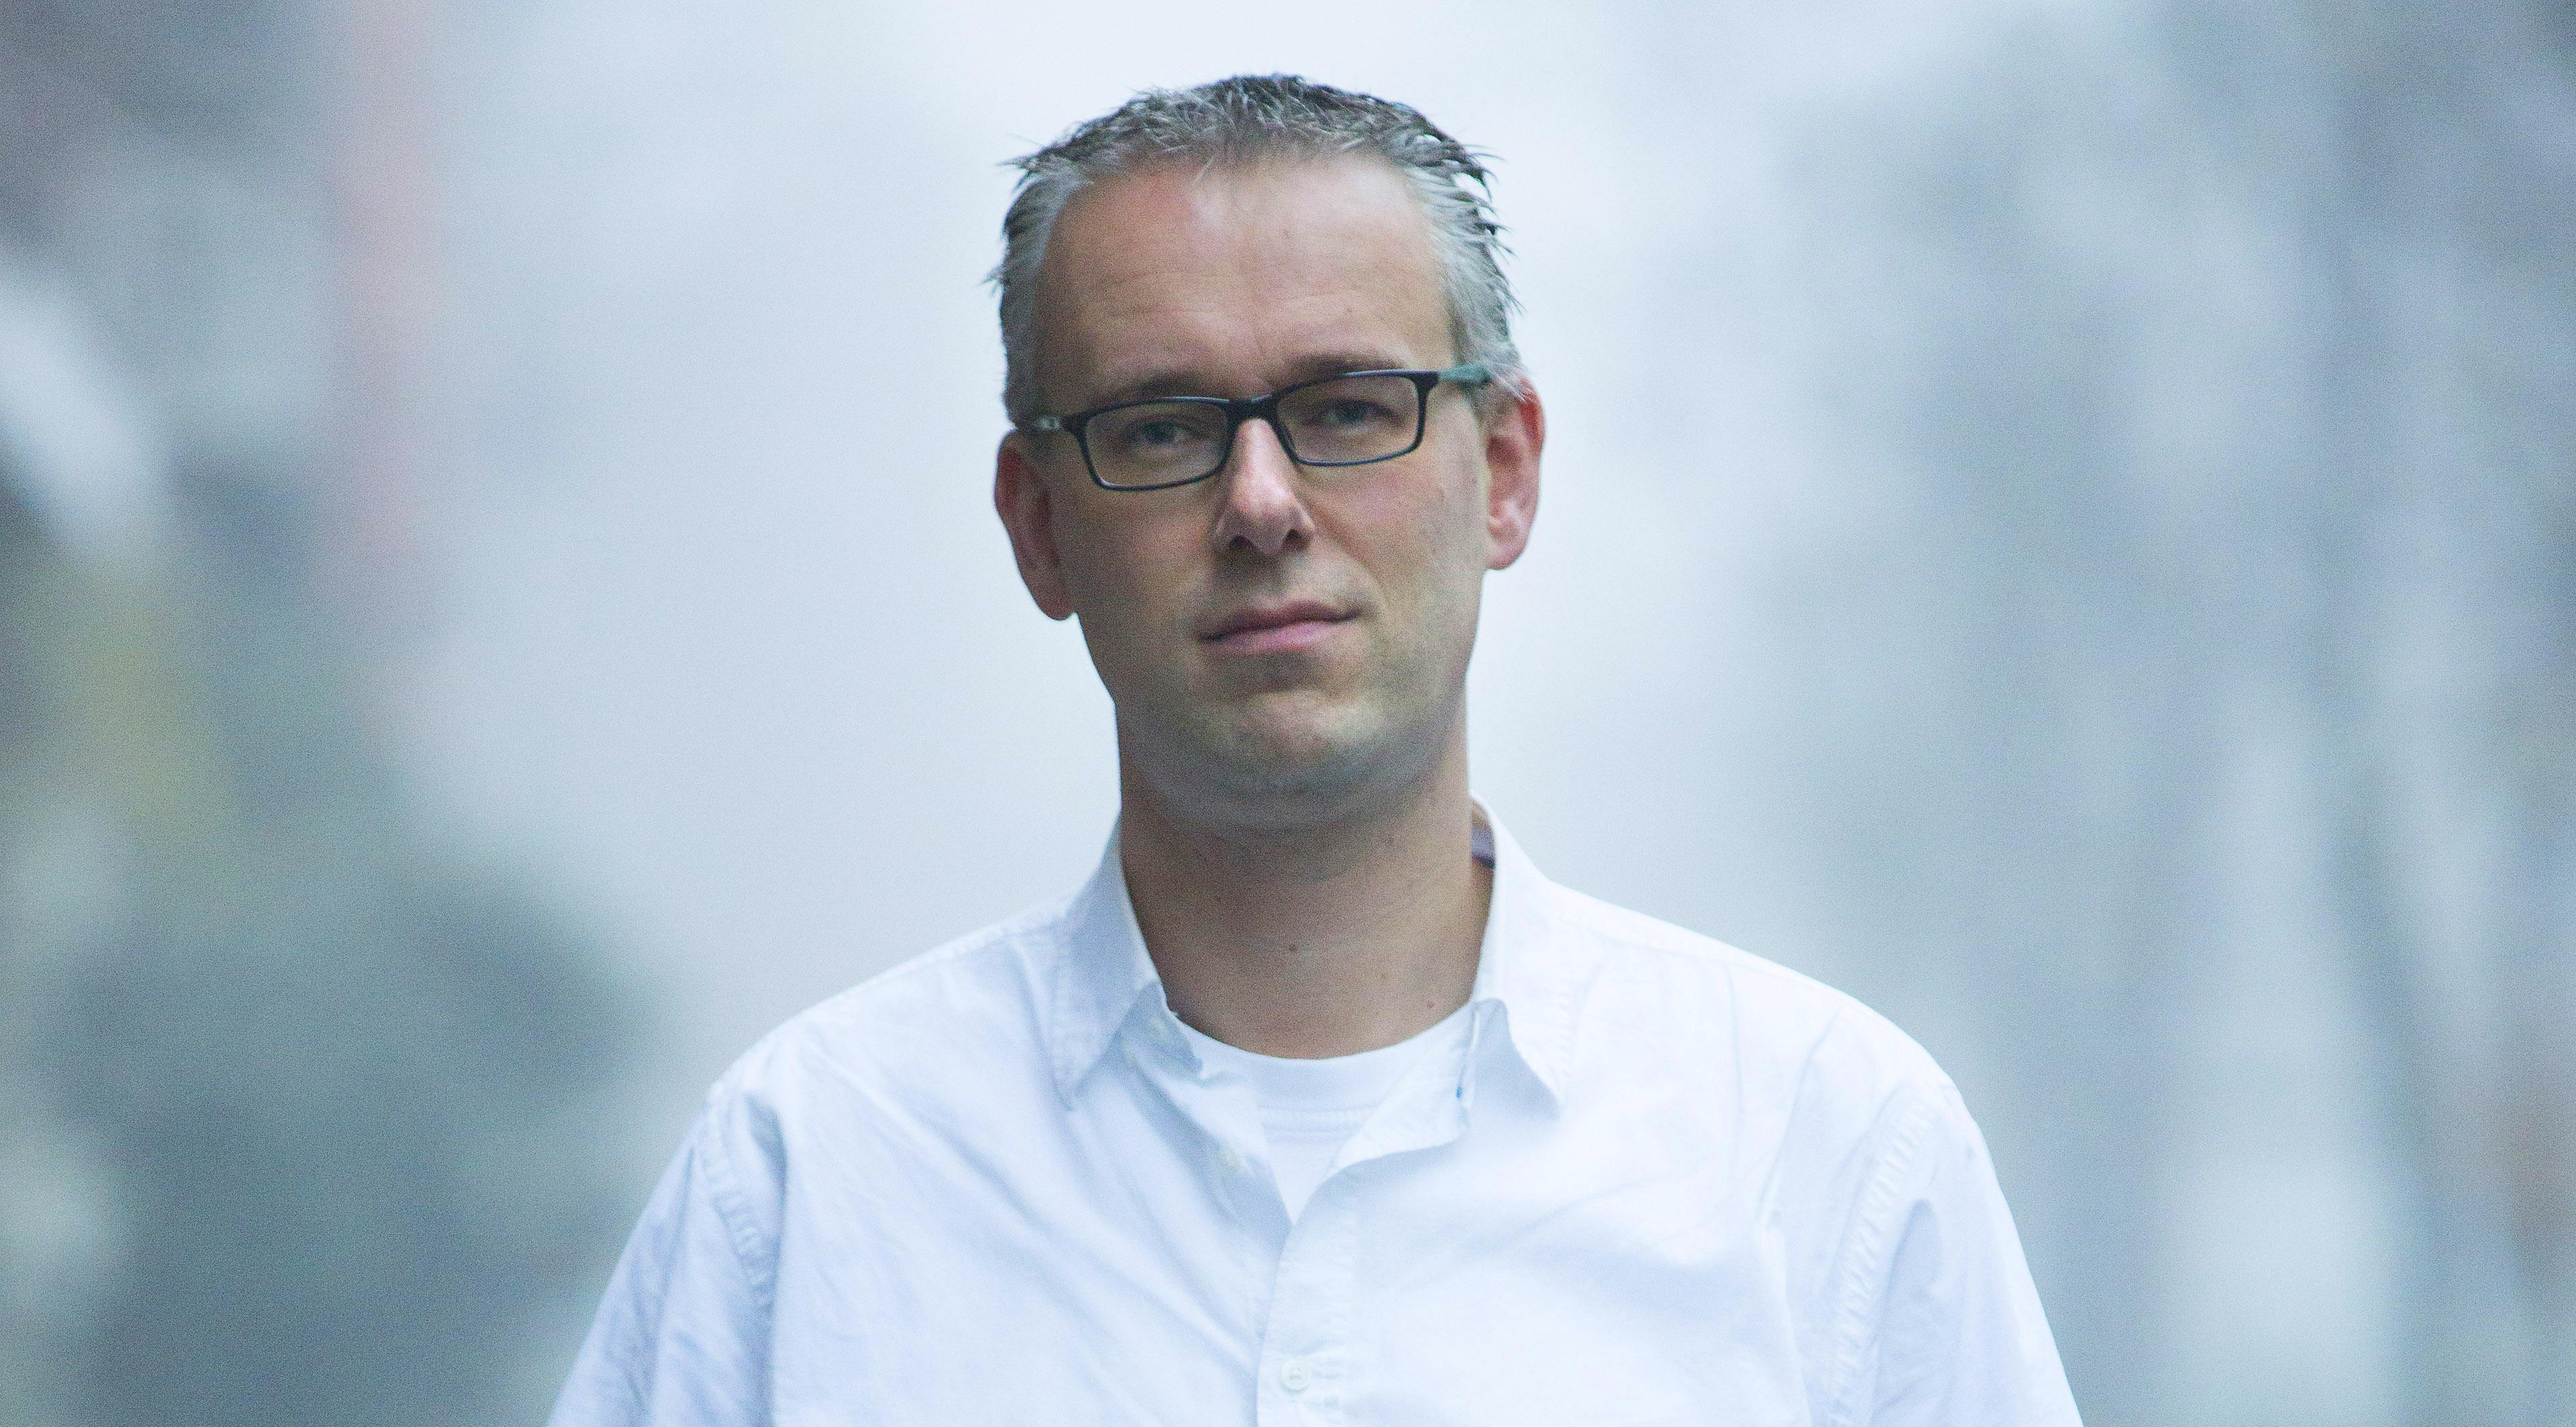 Lilianne Ploumen vervangt Lodewijk Asscher. De vraag is: moet Mark Rutte niet ook opstappen? | column